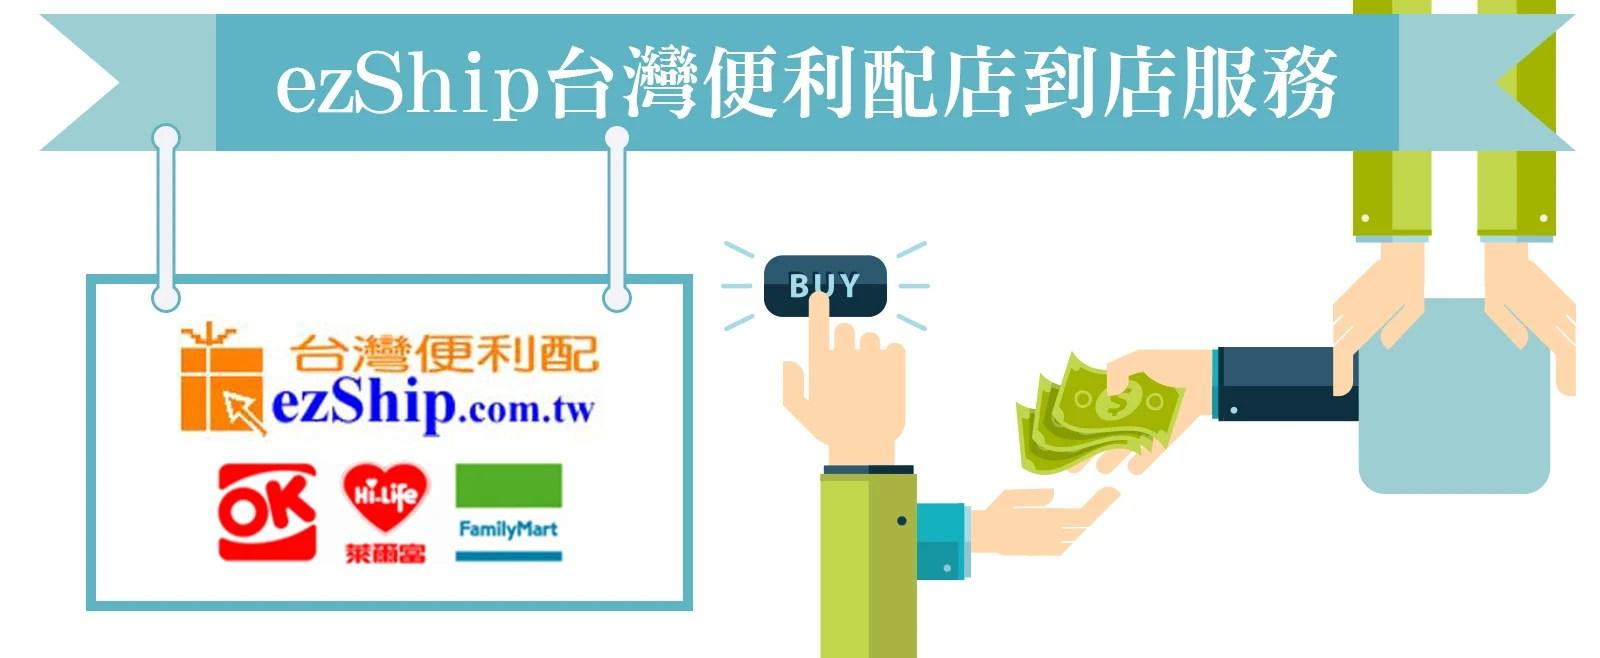 購物網站如何申請超商取貨付款?(7-ELEVEN,全家,OK,萊爾富四大超商) - Astral web 歐斯瑞公司